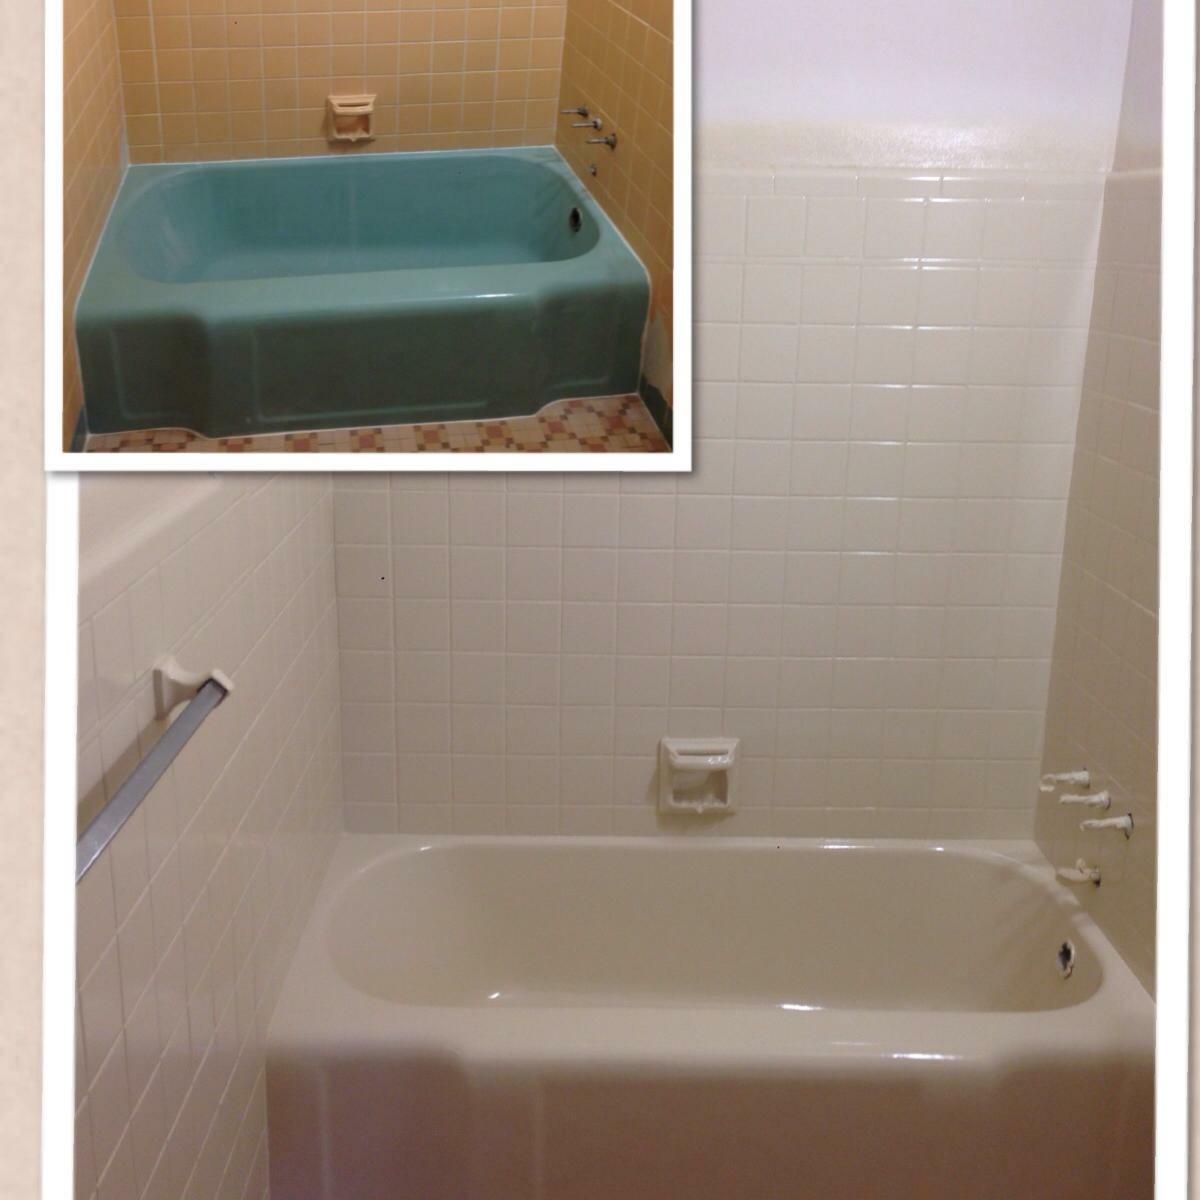 America Bathtub And Tile Refinishing Miami, FL 33186 - YP.com